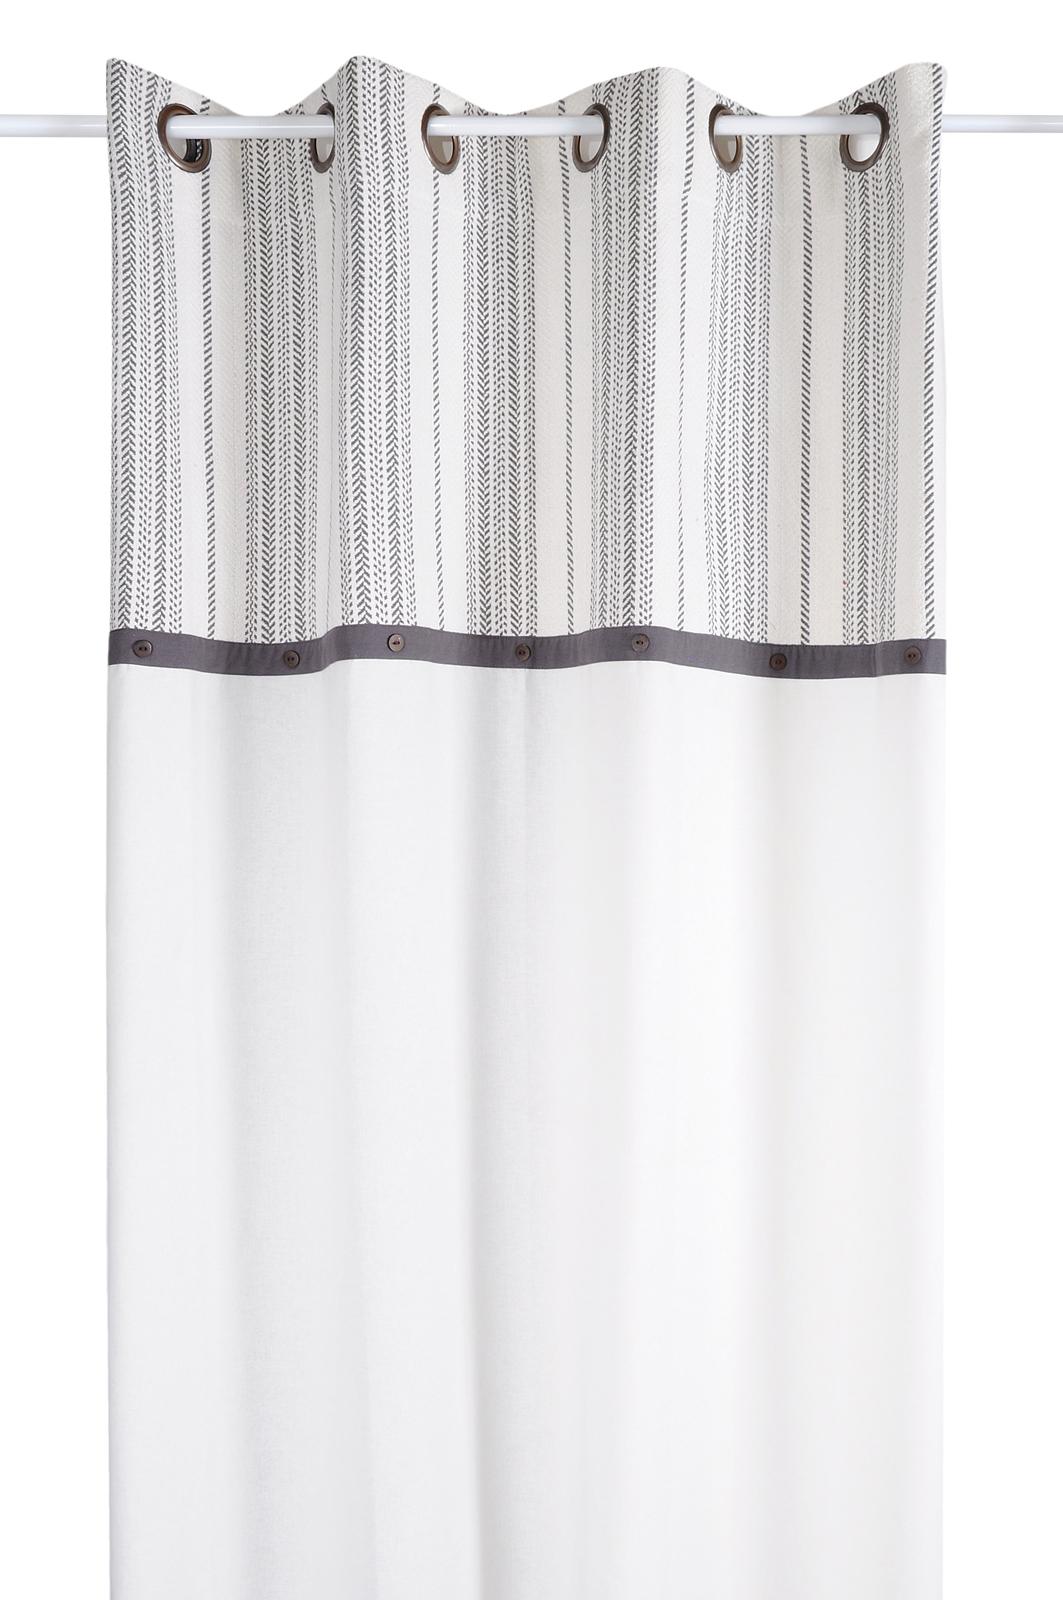 en ligne à la vente thésaurisation comme une denrée rare meilleur en ligne Rideau écru et rayures grises avec boutons sur bandeau anthracite 140x260cm  à oeillets VALDAVIA